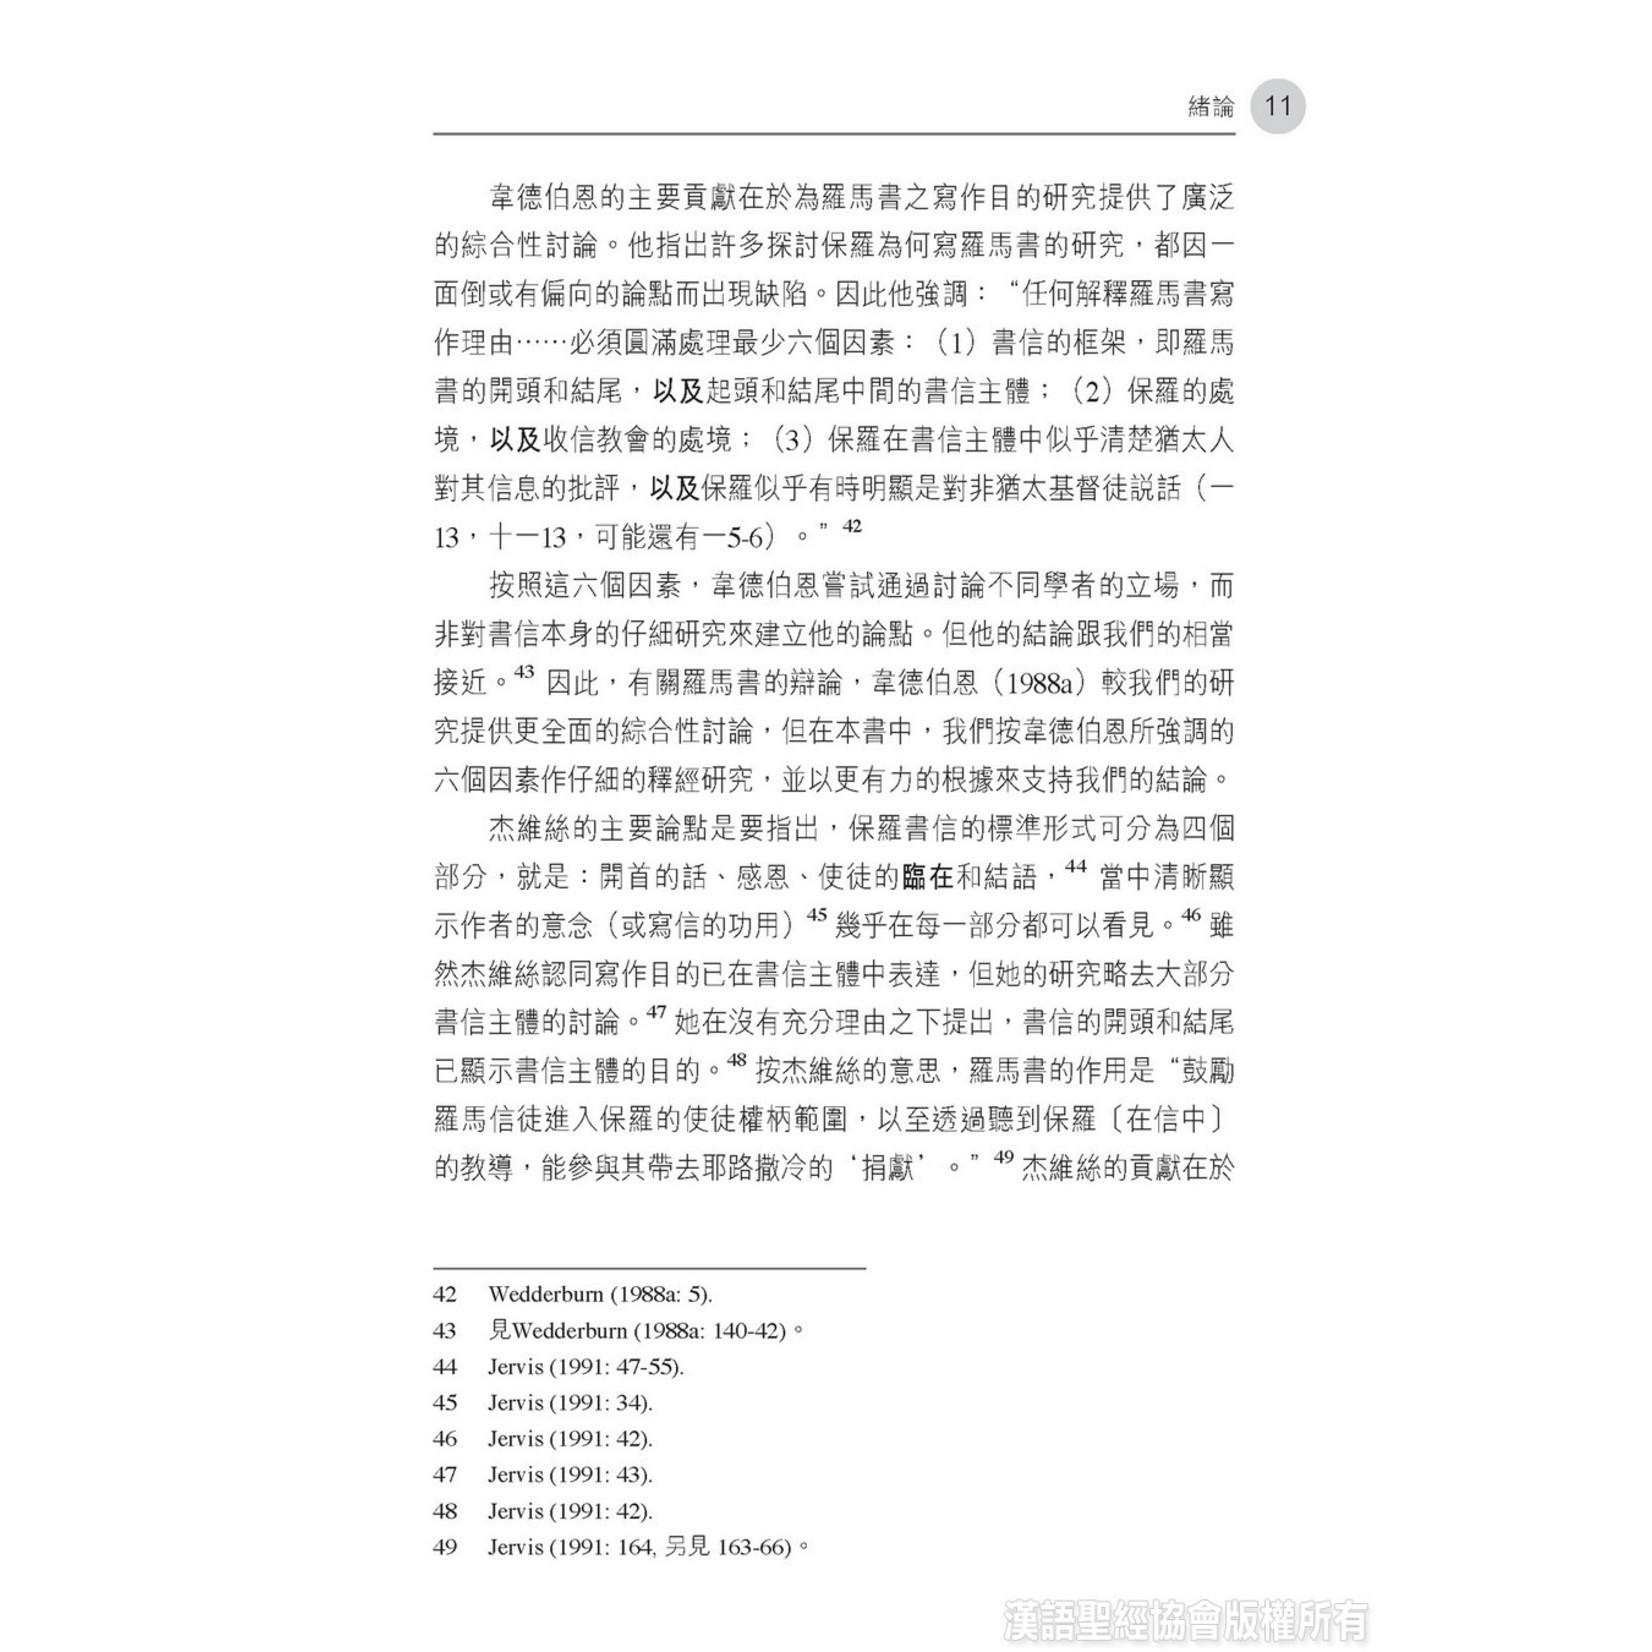 漢語聖經協會 Chinese Bible International 論盡羅馬:透析保羅寫羅馬書之目的